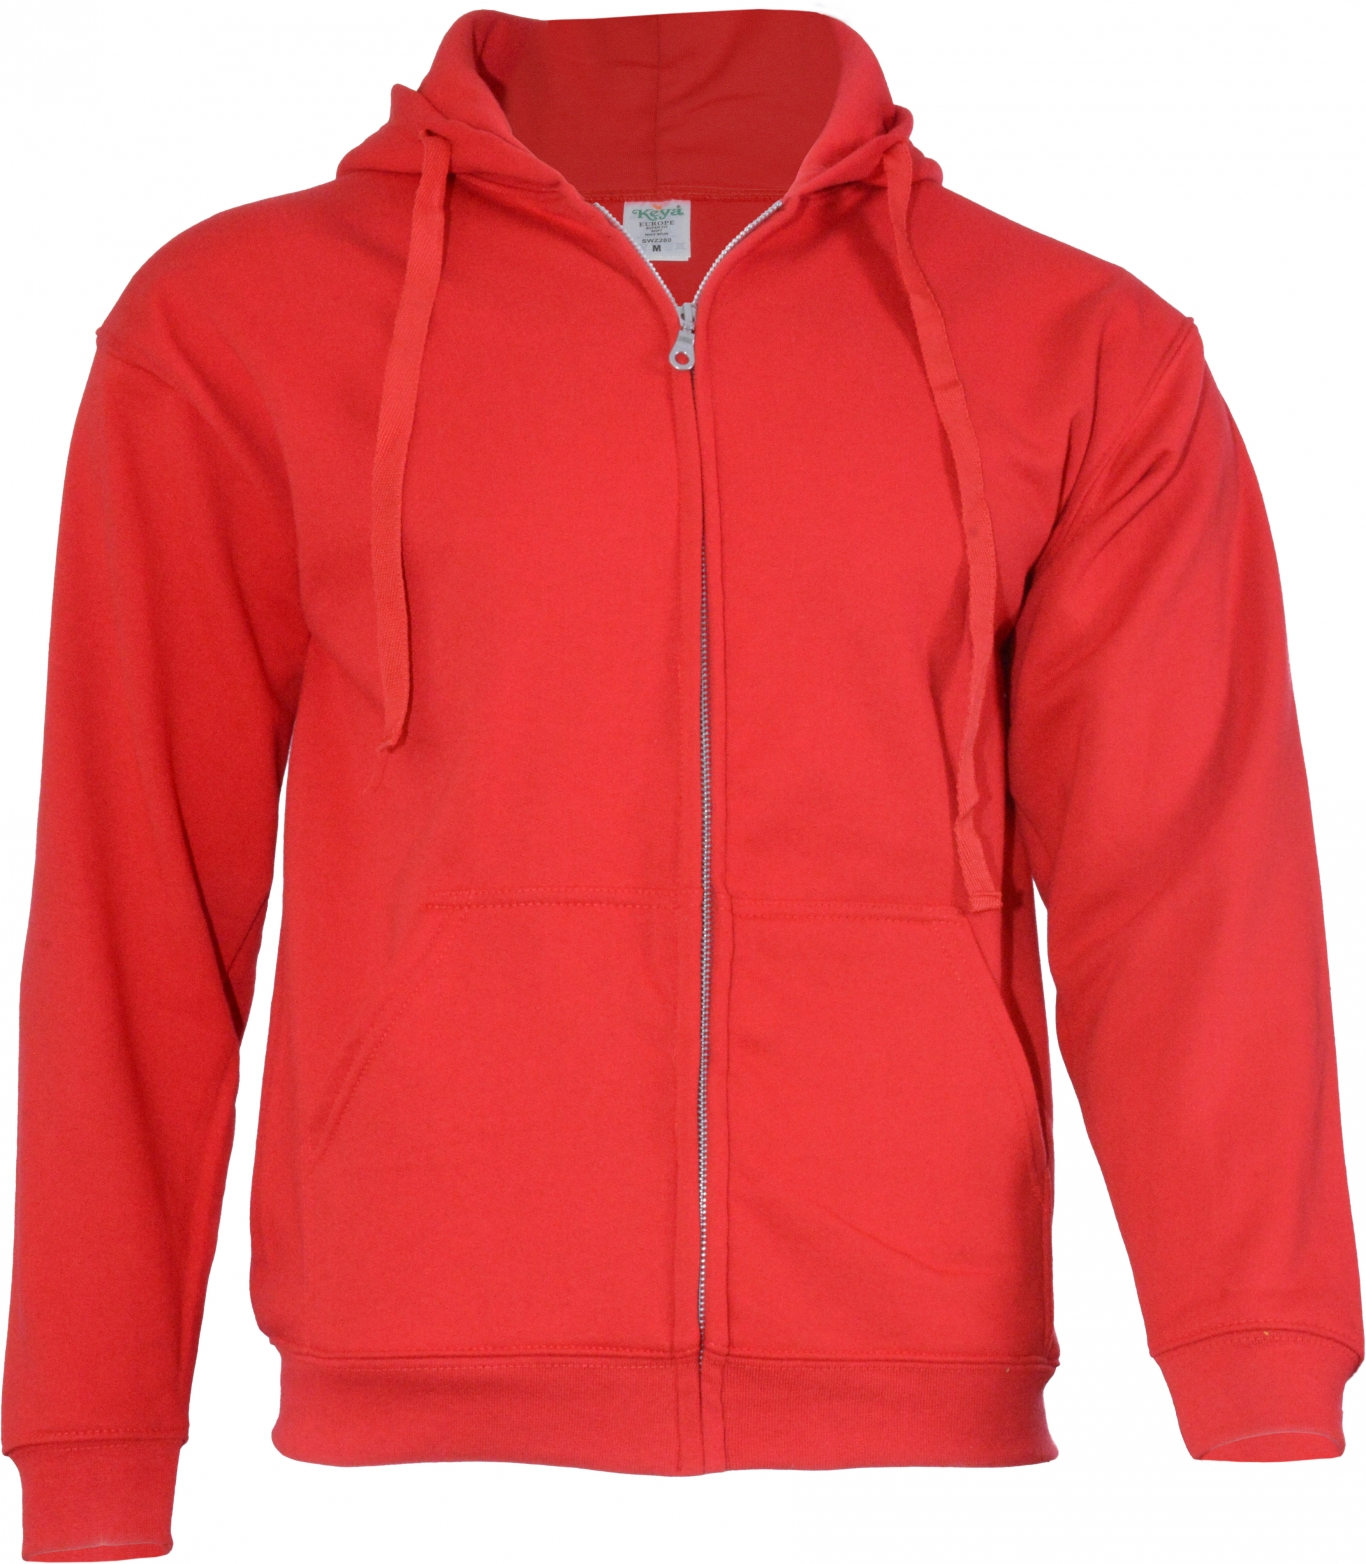 Keya SWZ280 Hooded Zip kapucnis pulóver - Powear Gifts Kft. 16fb97ee63